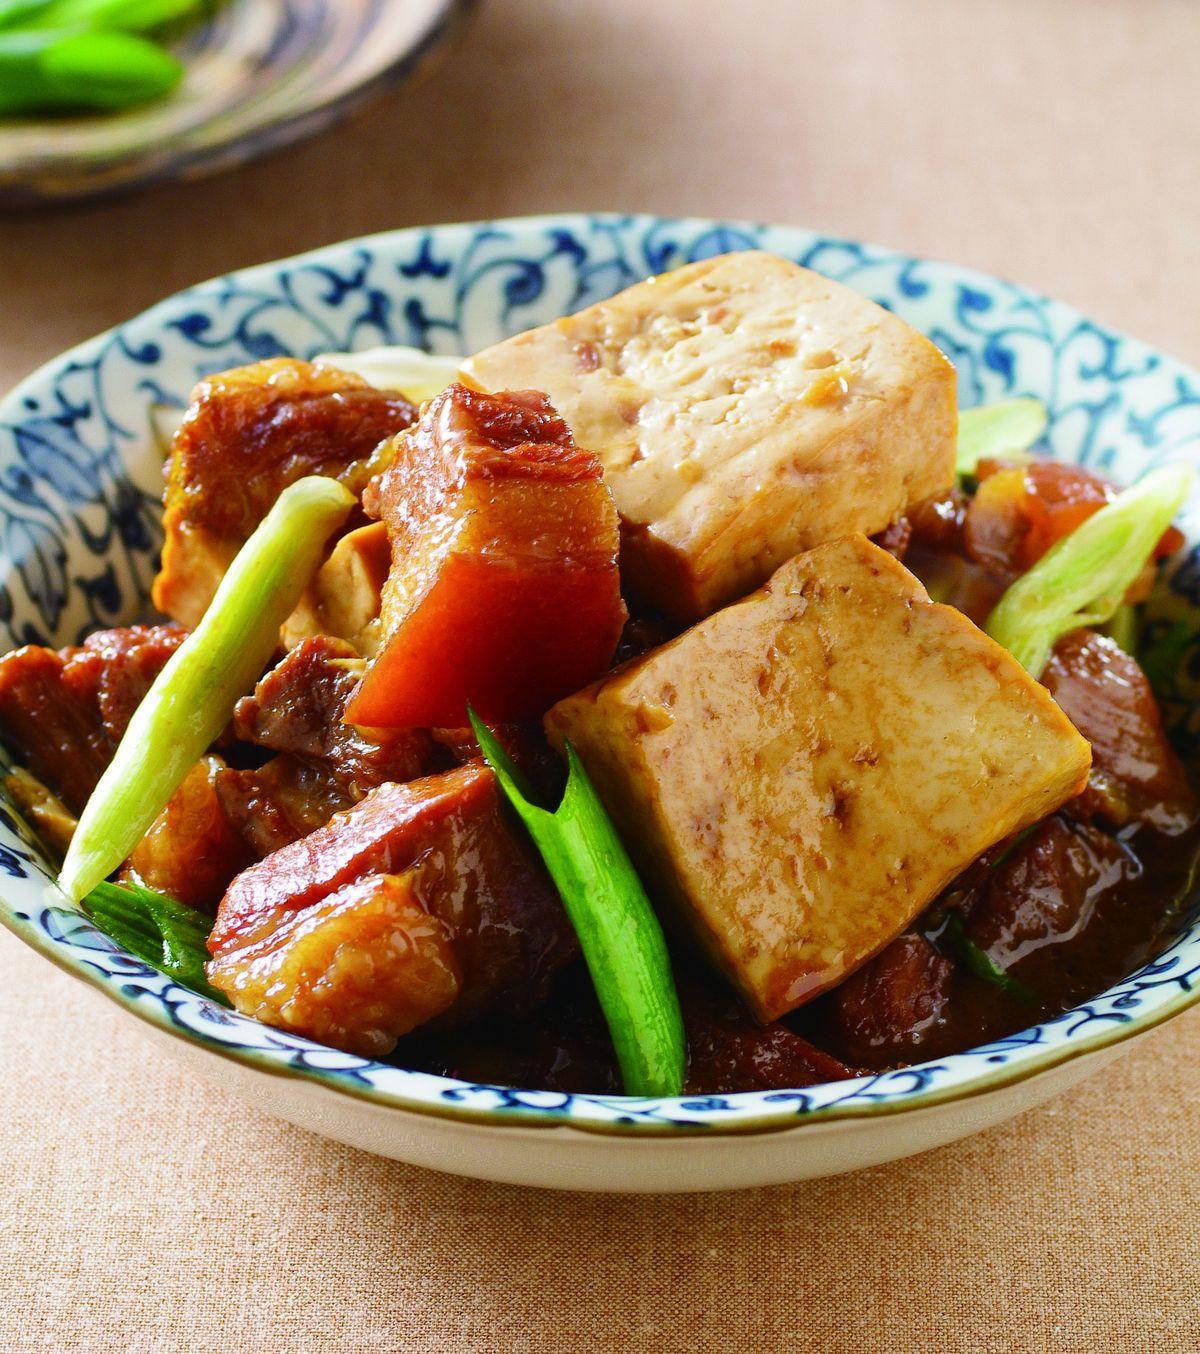 食譜:豆腐燒肉